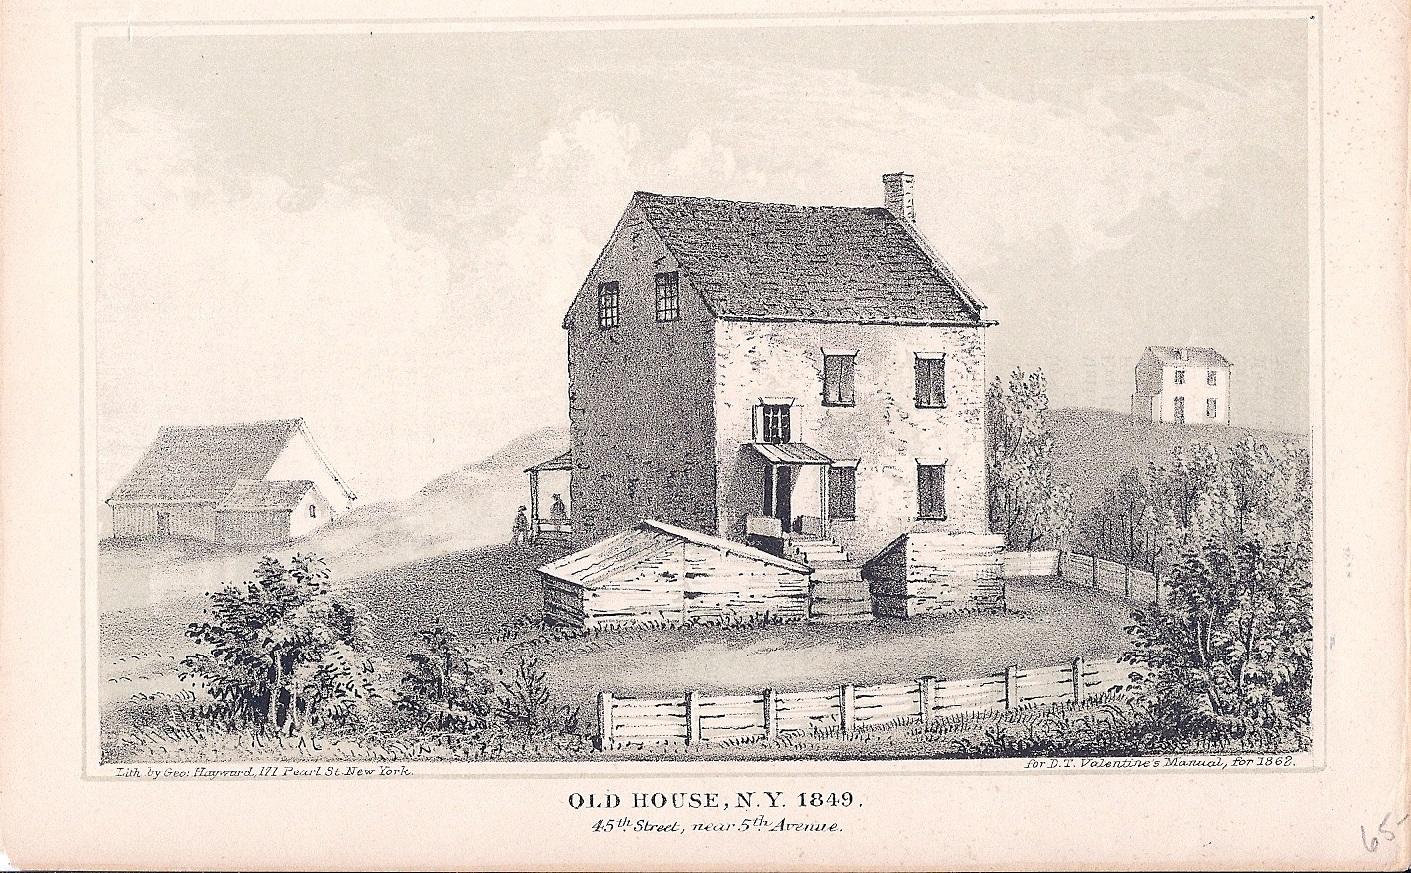 Old House NY 1849